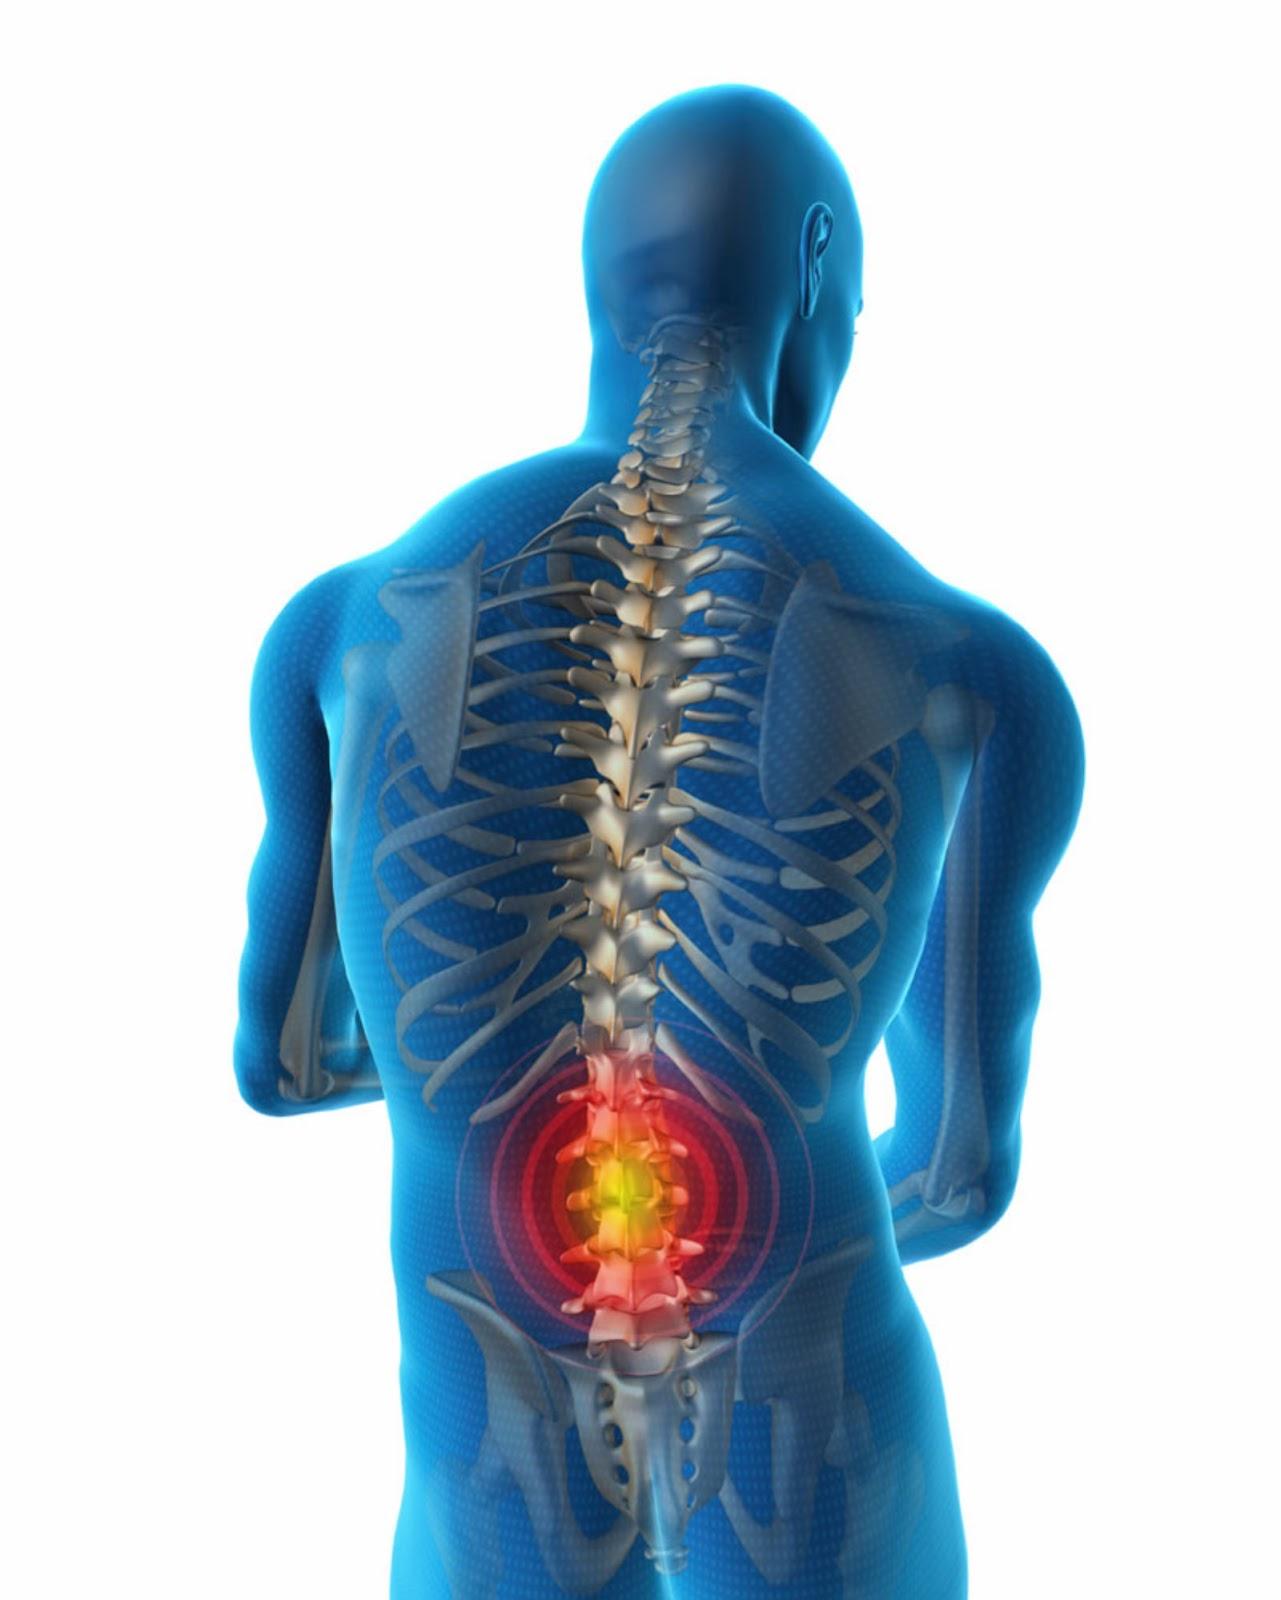 RADIOLOGIA MACARENA: Radiología del dolor lumbar